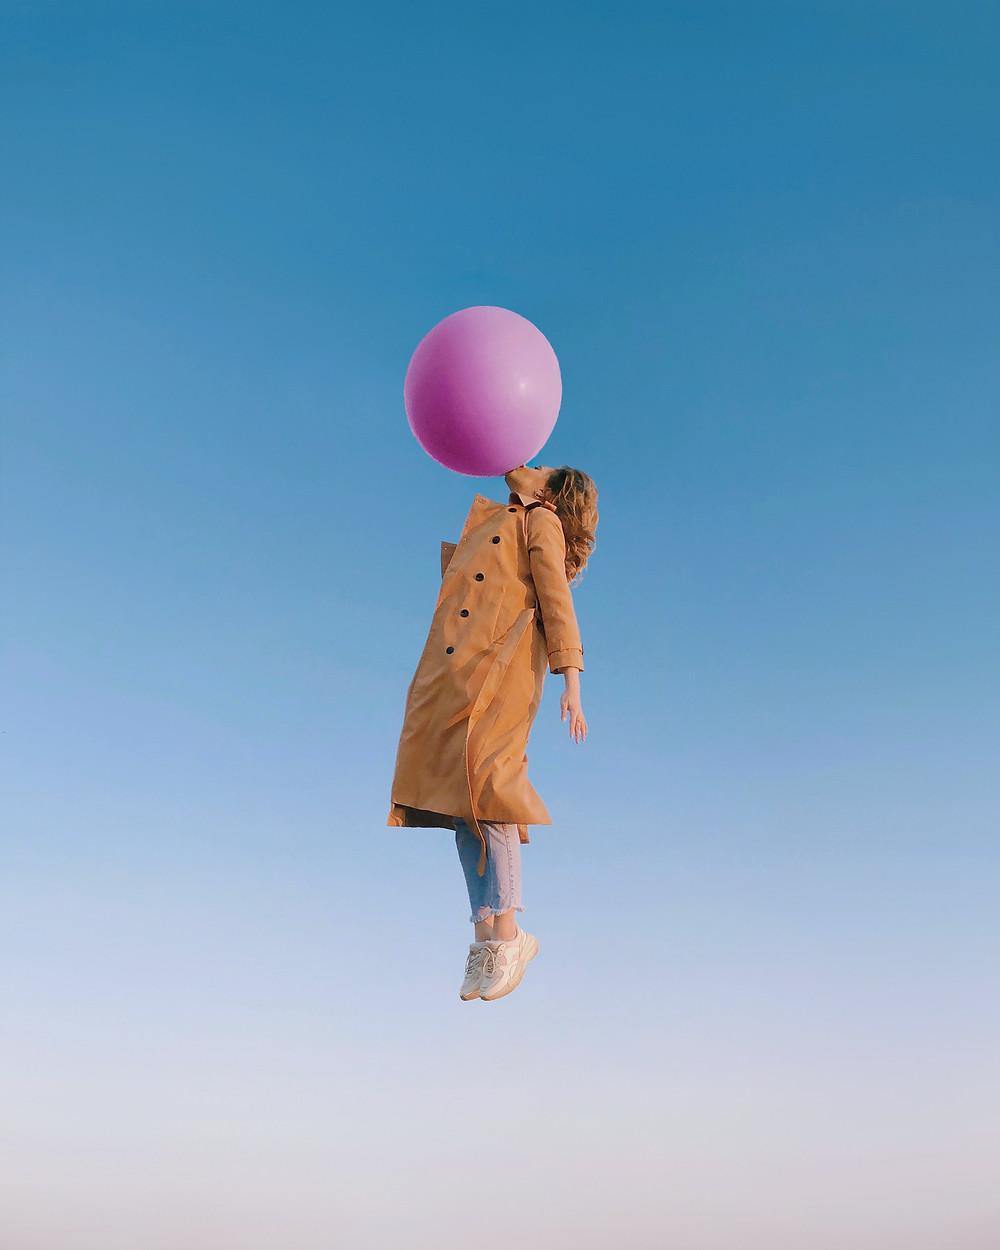 femme suspendue dans les airs accrochée par la bouche à un ballon